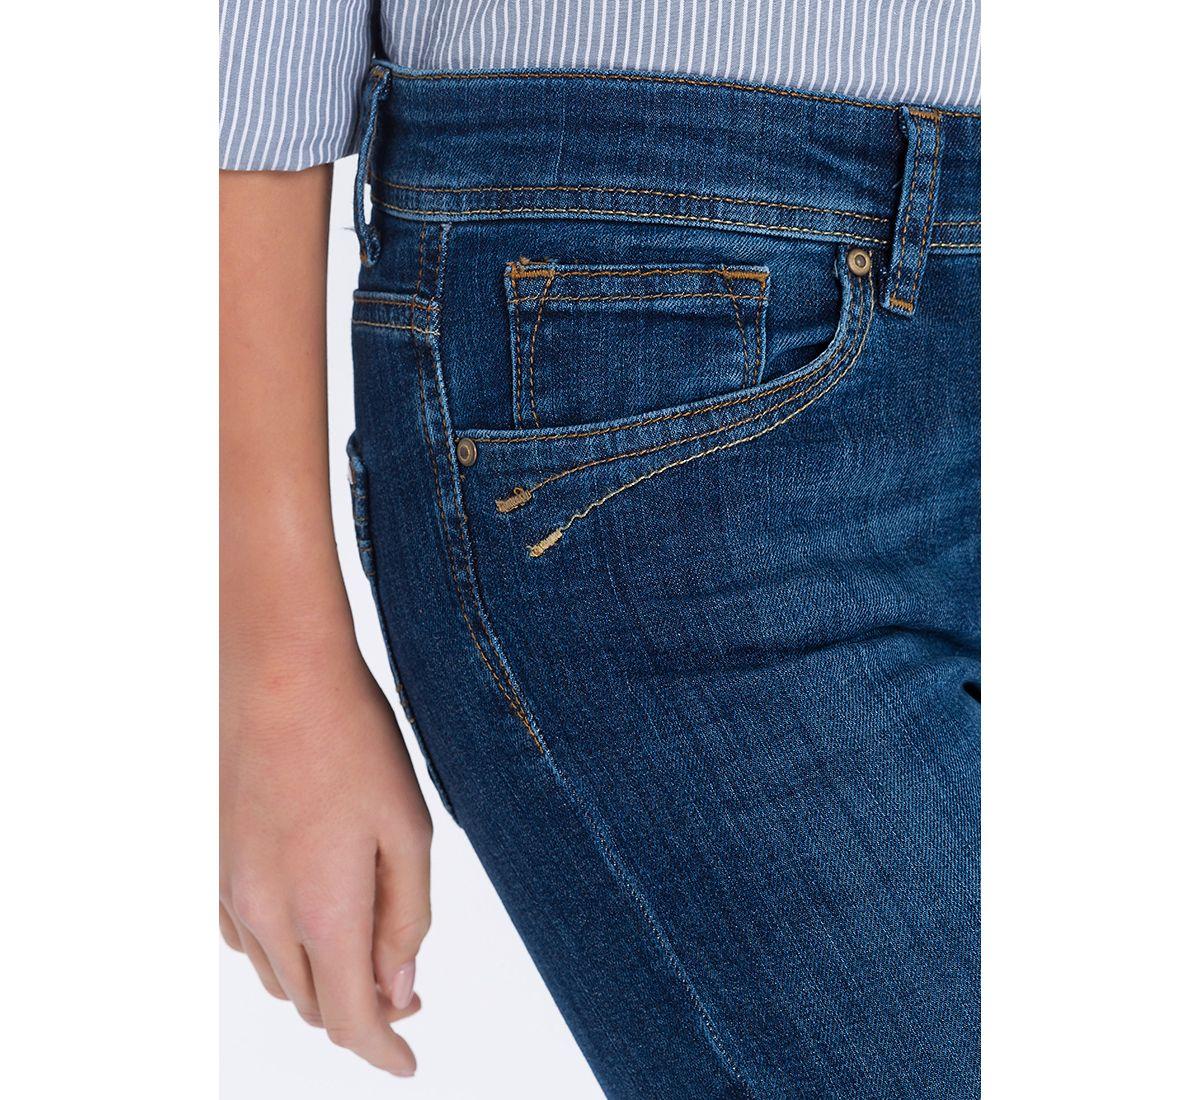 CROSS Jeans ® Slim Fit Jeans mit hoher Leibhöhe »Anya« von Schwab Versand in black - Schwarz für 59,95€